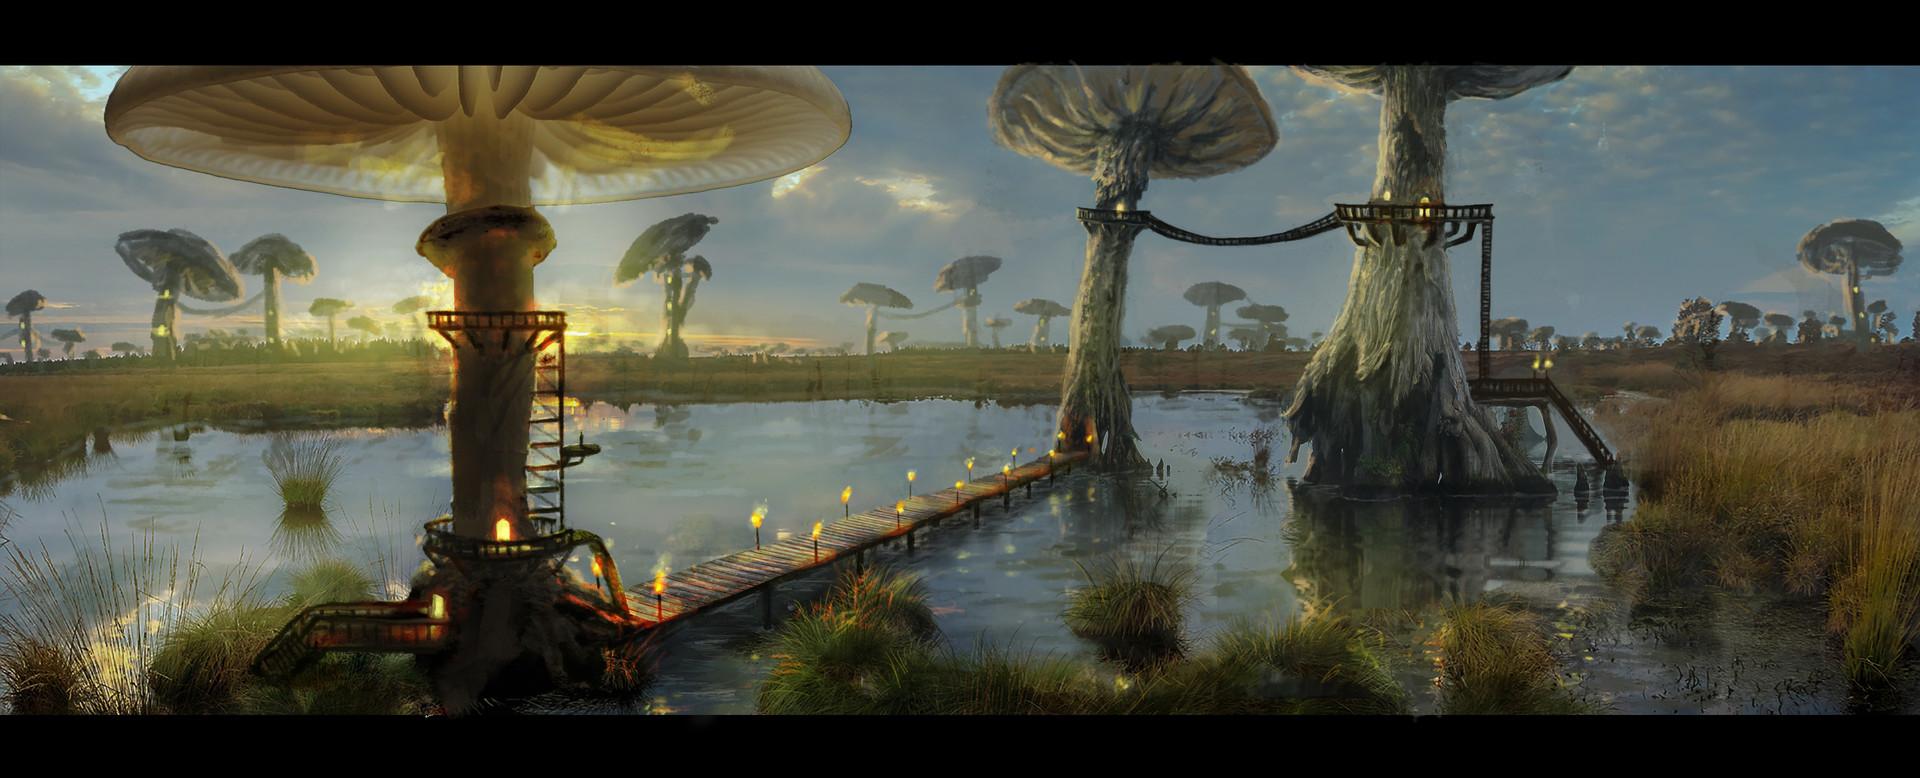 Lizartonne dani rodriguez palacios planeta setas3